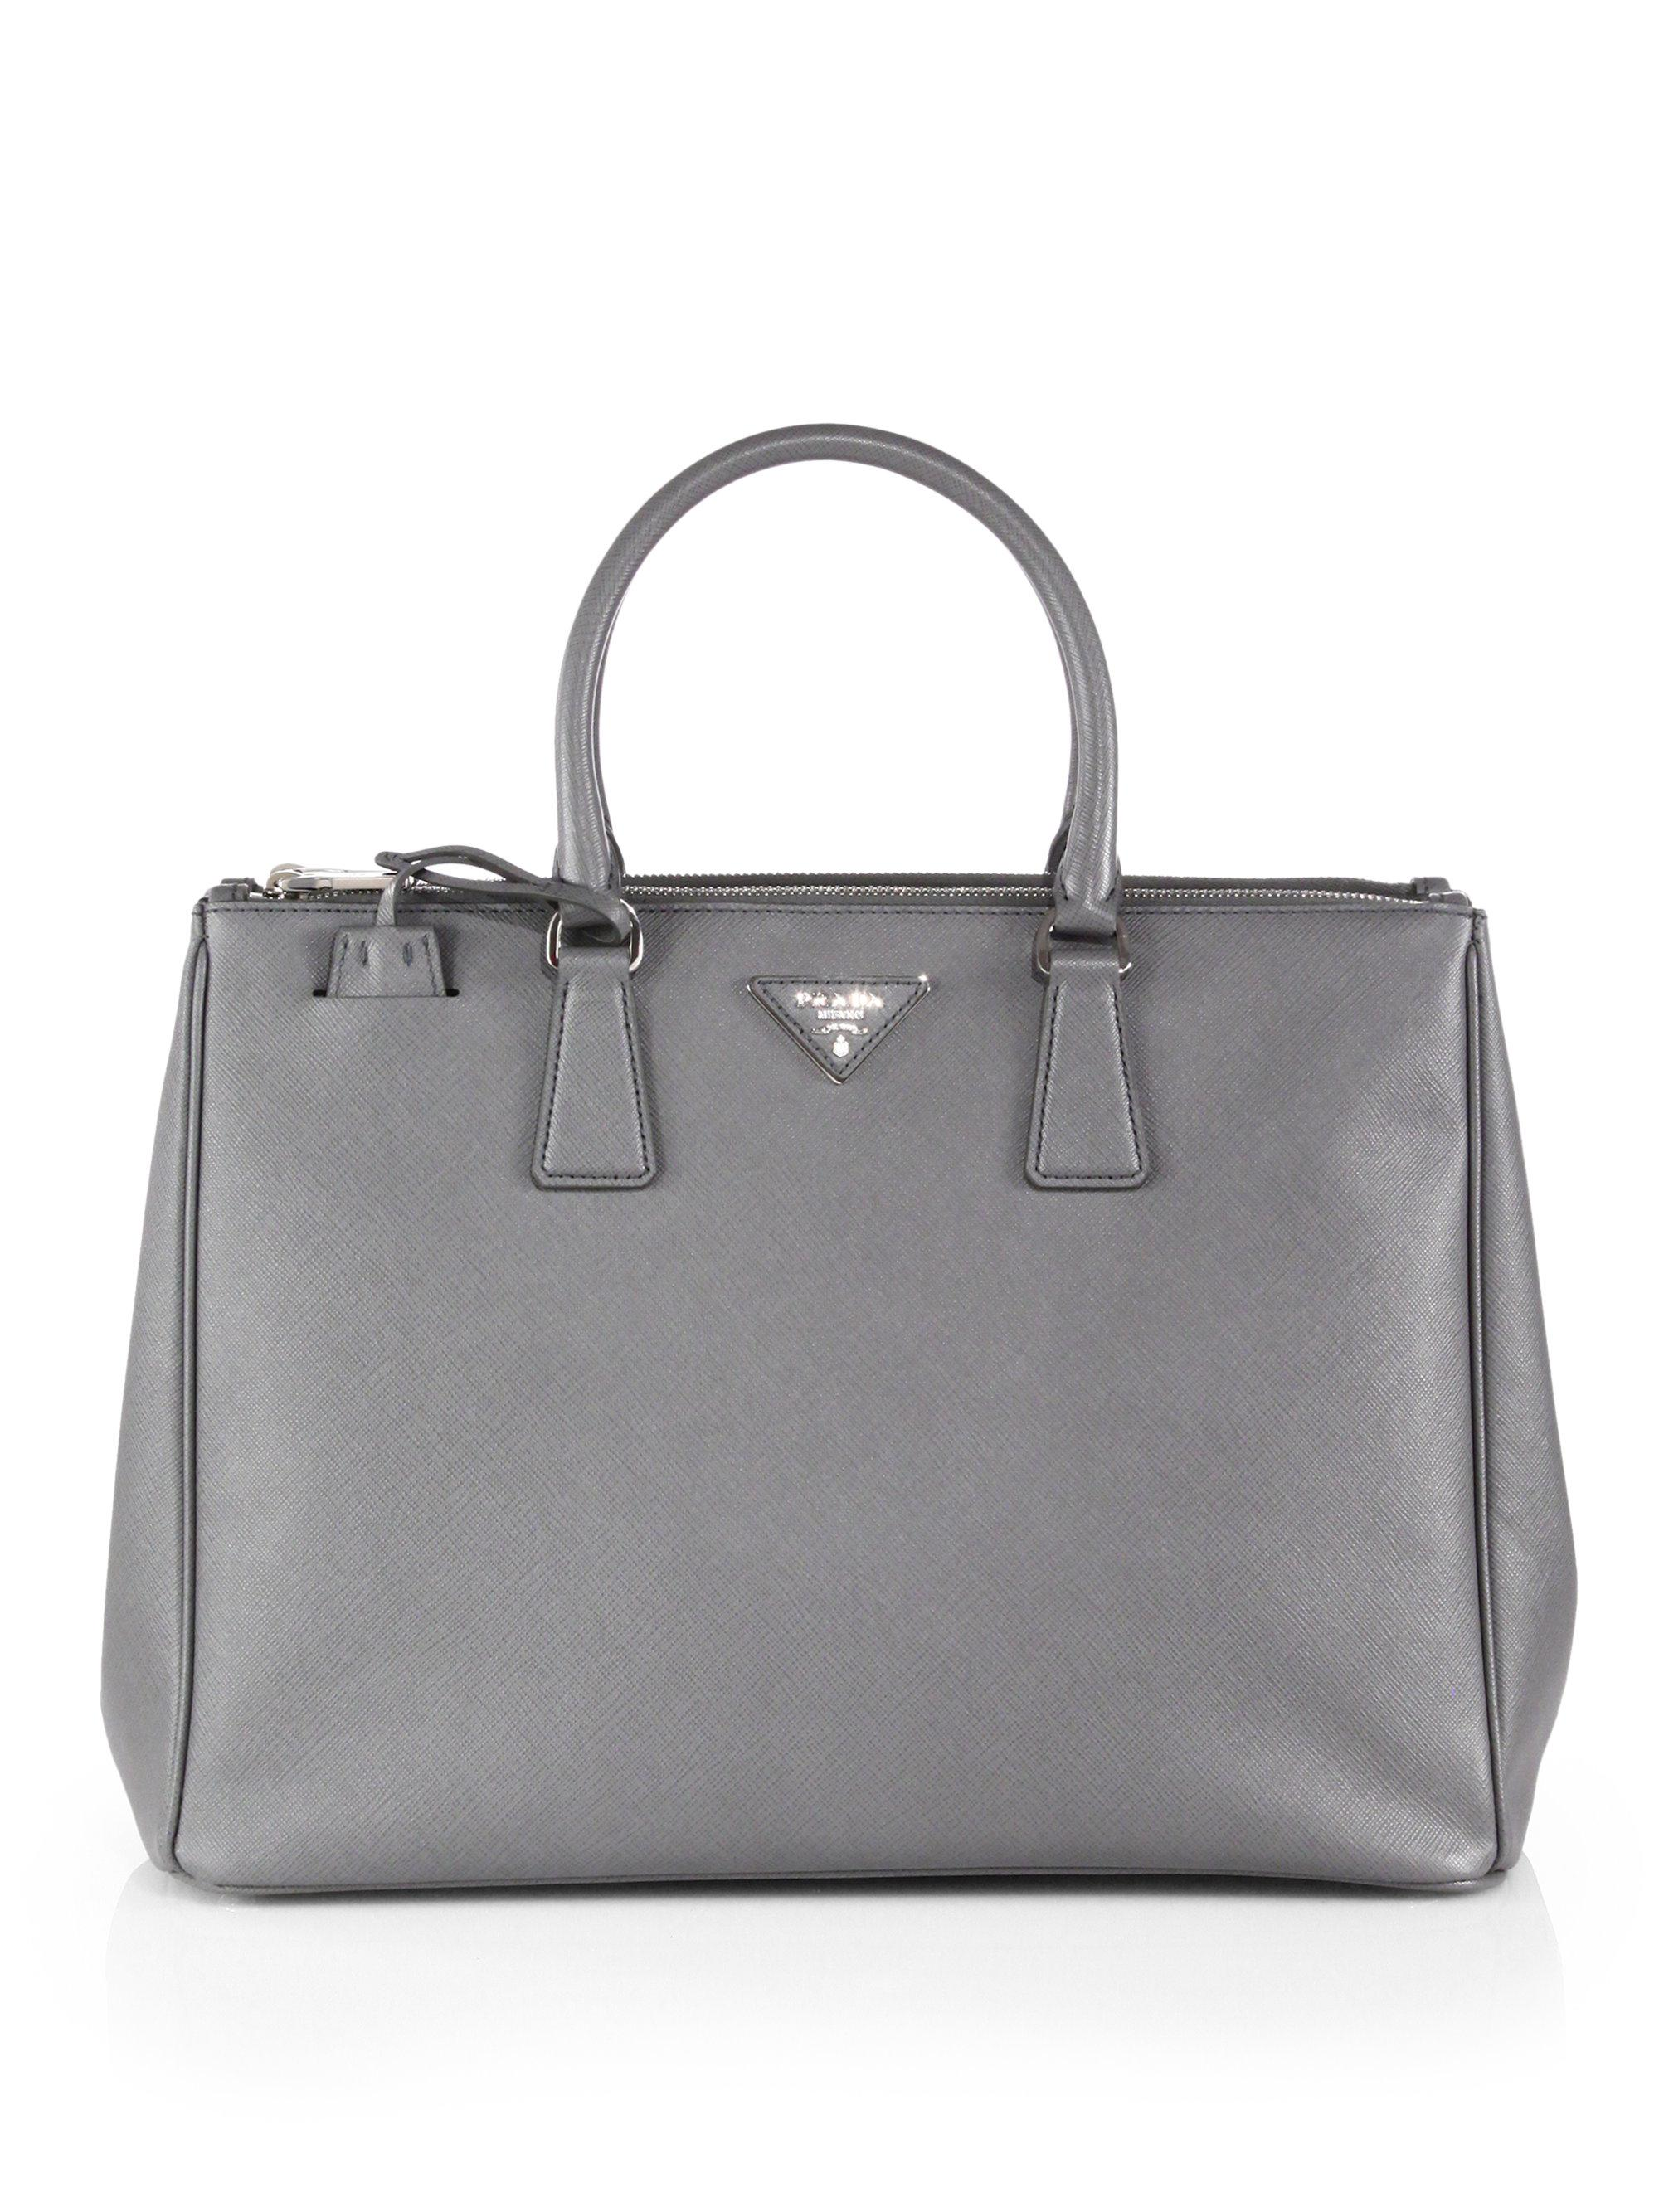 1e94292b55e7 Lyst - Prada Saffiano Lux Large Double-zip Tote in Gray